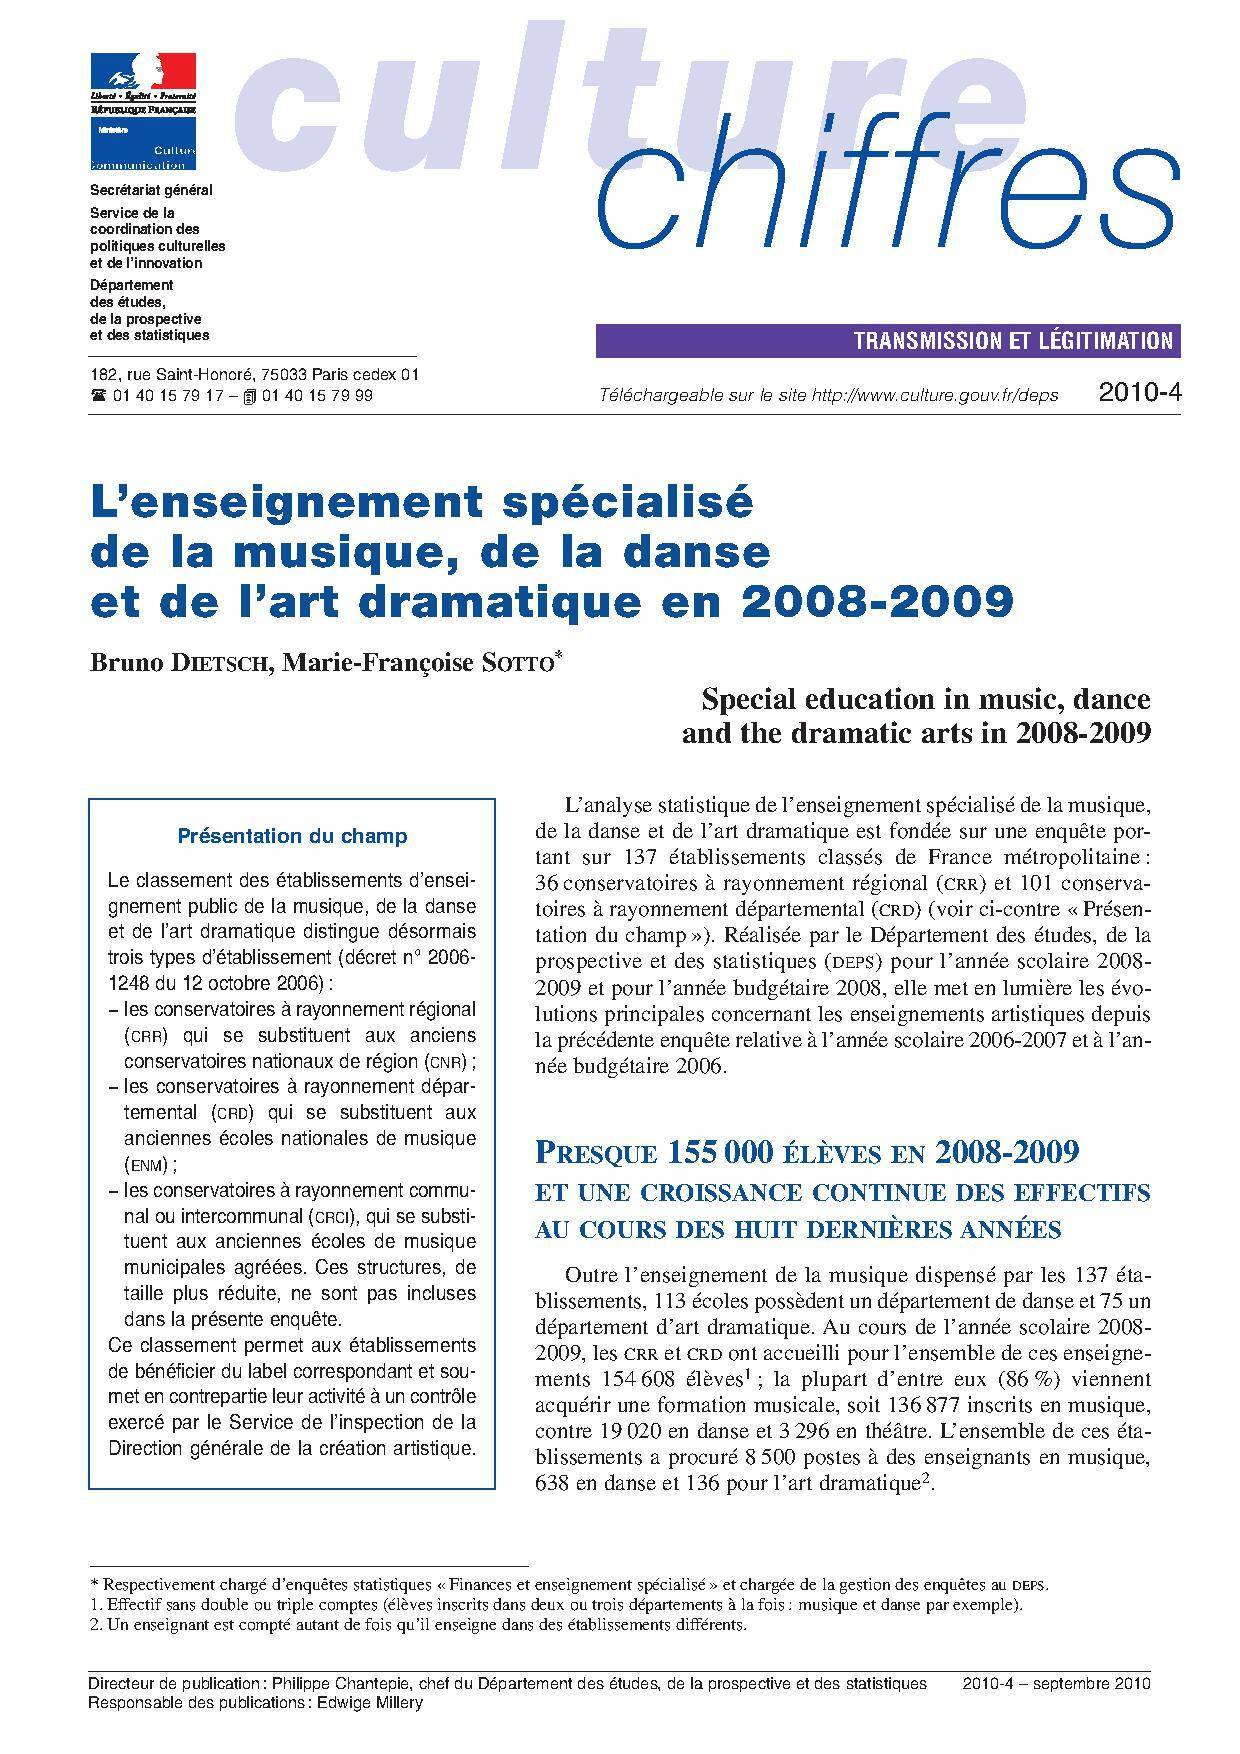 L'enseignement spécialisé de la musique, de la danse et de l'art dramatique en 2008-2009